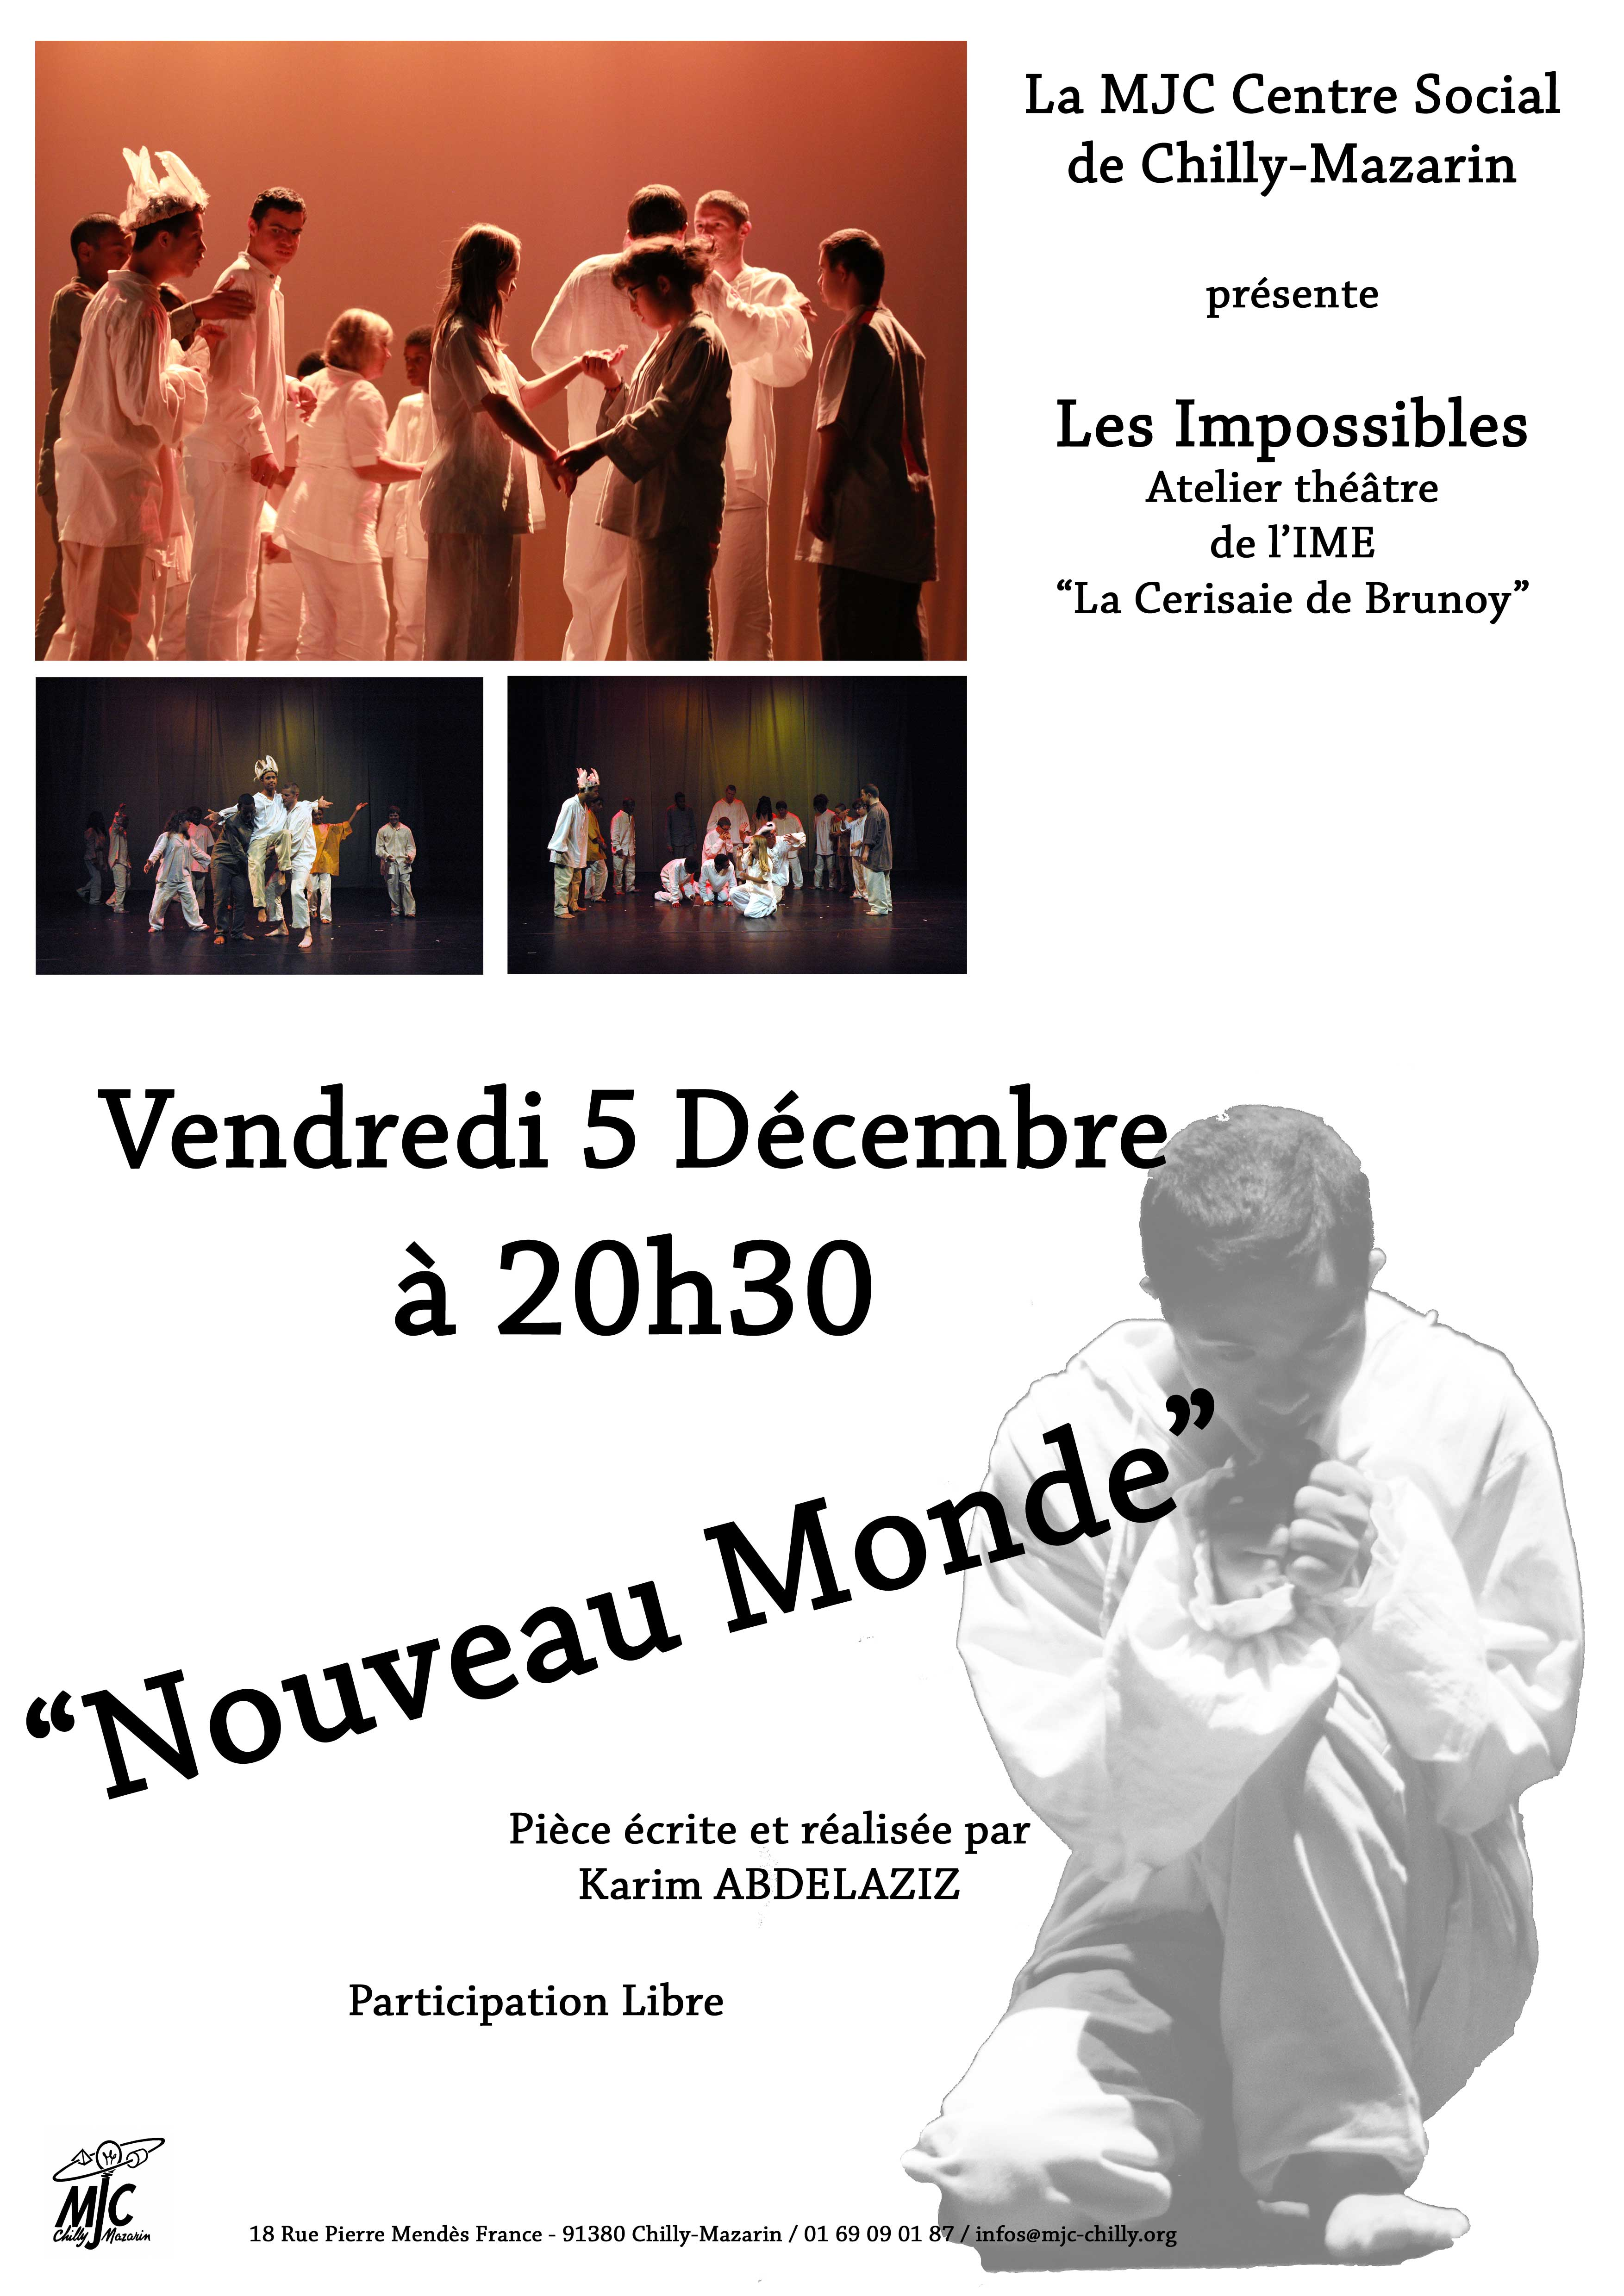 AfficheCHILLY-Nouveau-Monde